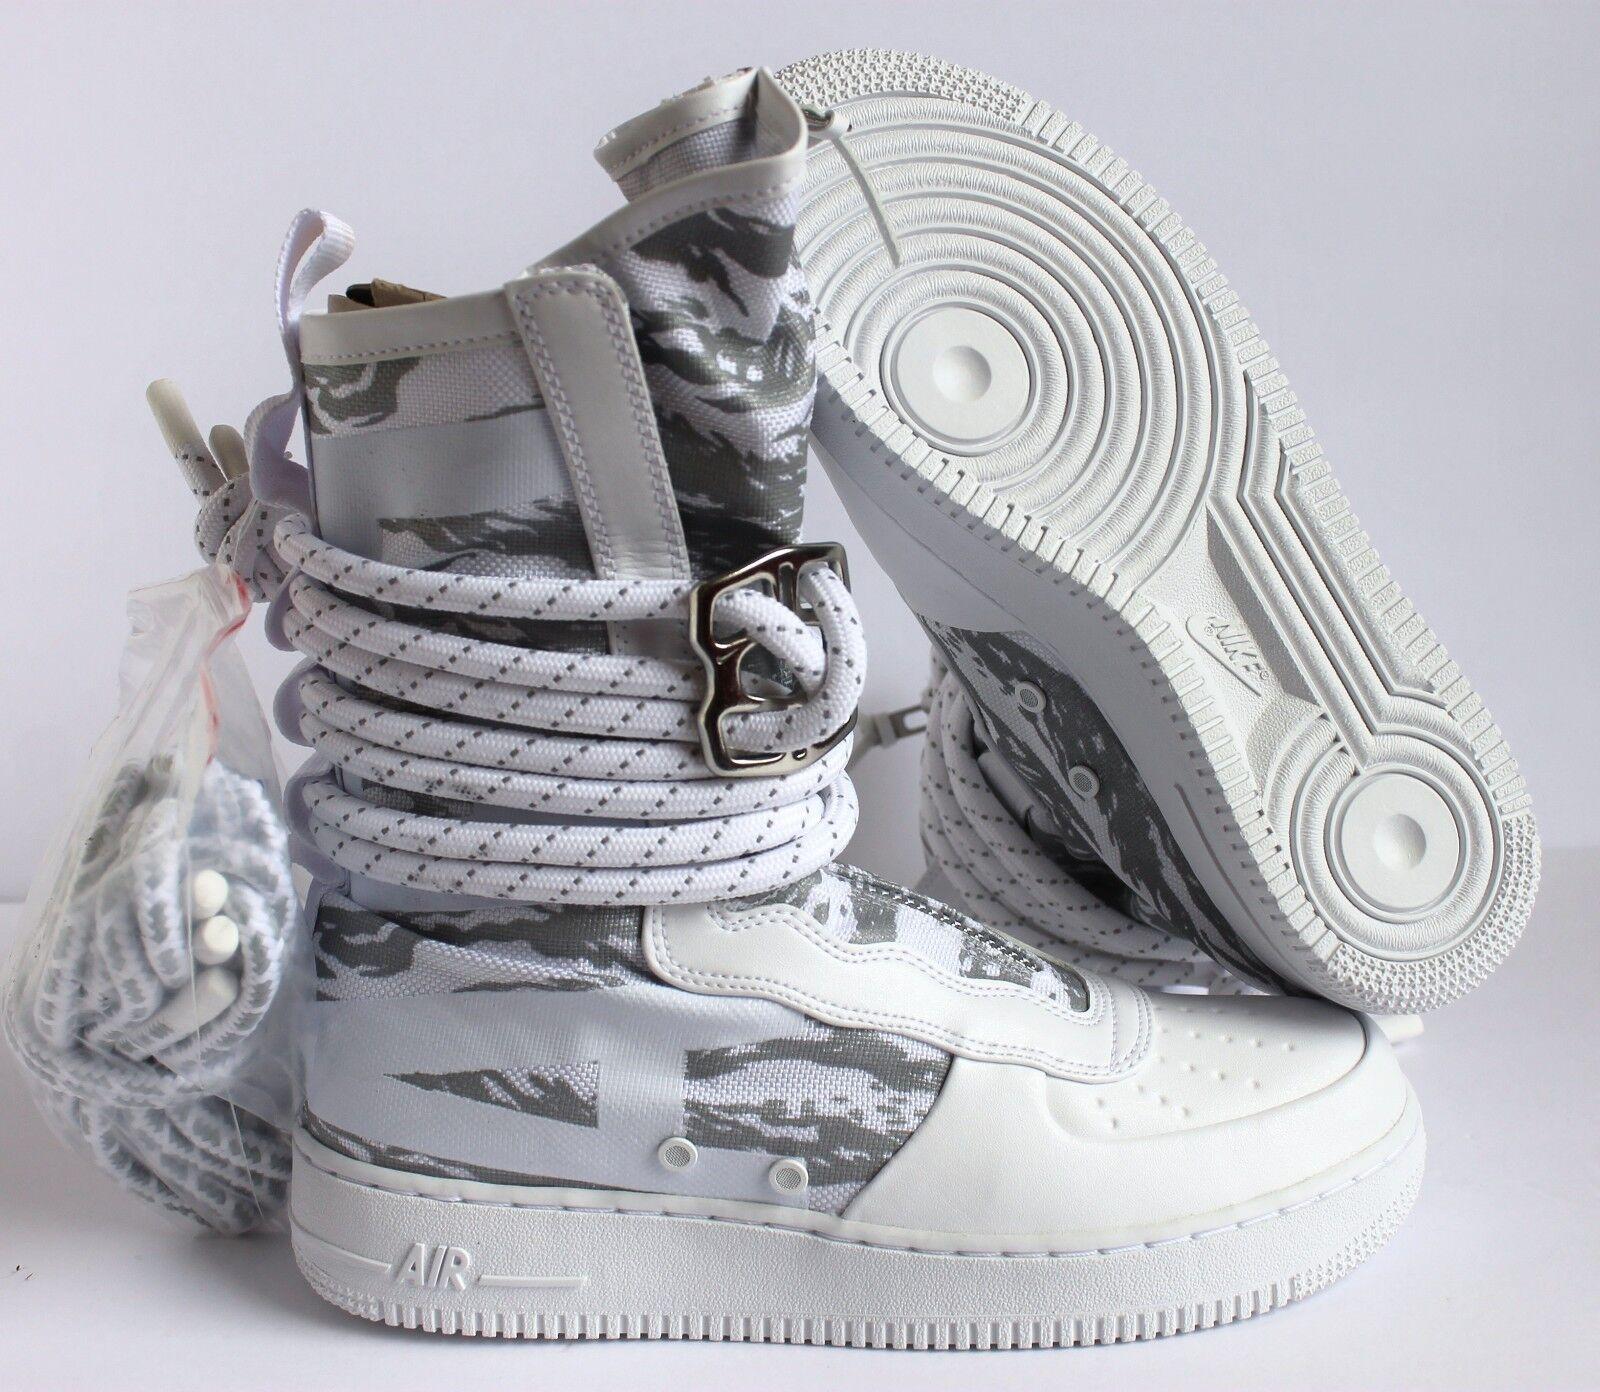 Nike Air Force 1 SF AF1 Hi Blanco campo especial blanco / Blanco Hi Precio reduccion nuevos zapatos para hombres y mujeres, el limitado tiempo de descuento 75e0c3